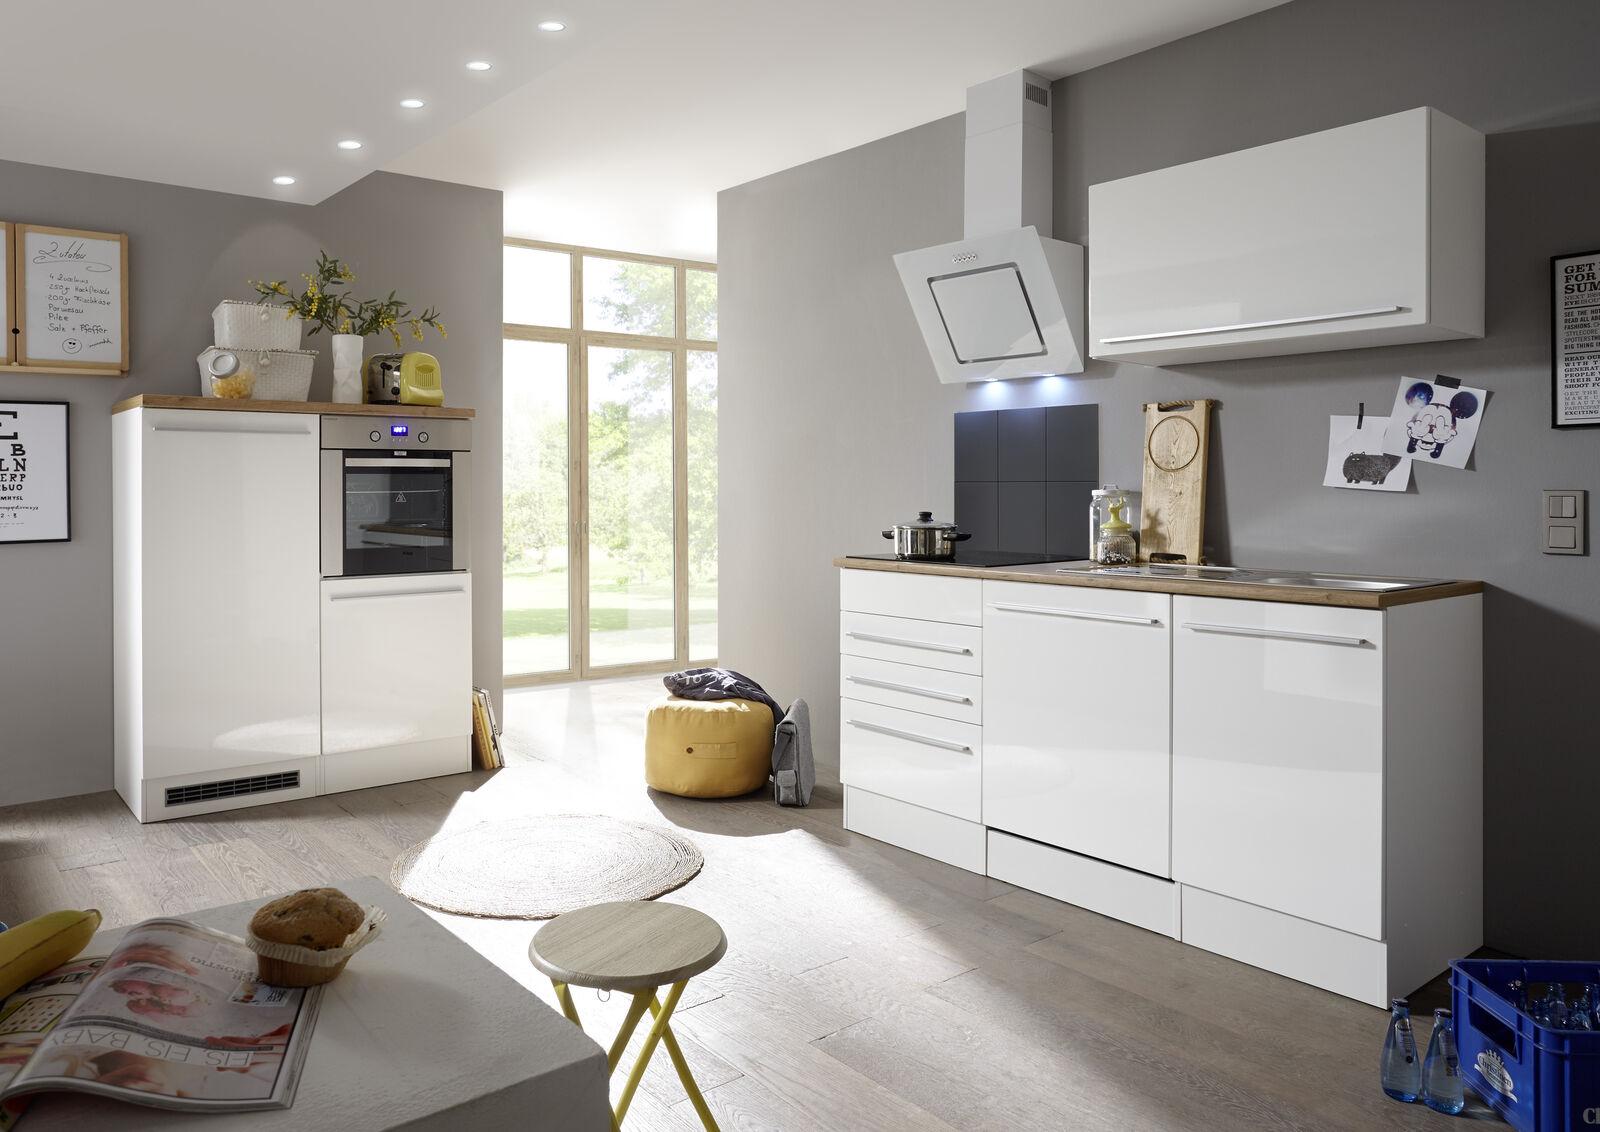 Full Size of Komplettküche Komplettküche Kaufen Willhaben Komplettküche Teppich Küchekomplettküche Mit Elektrogeräten Küche Komplettküche